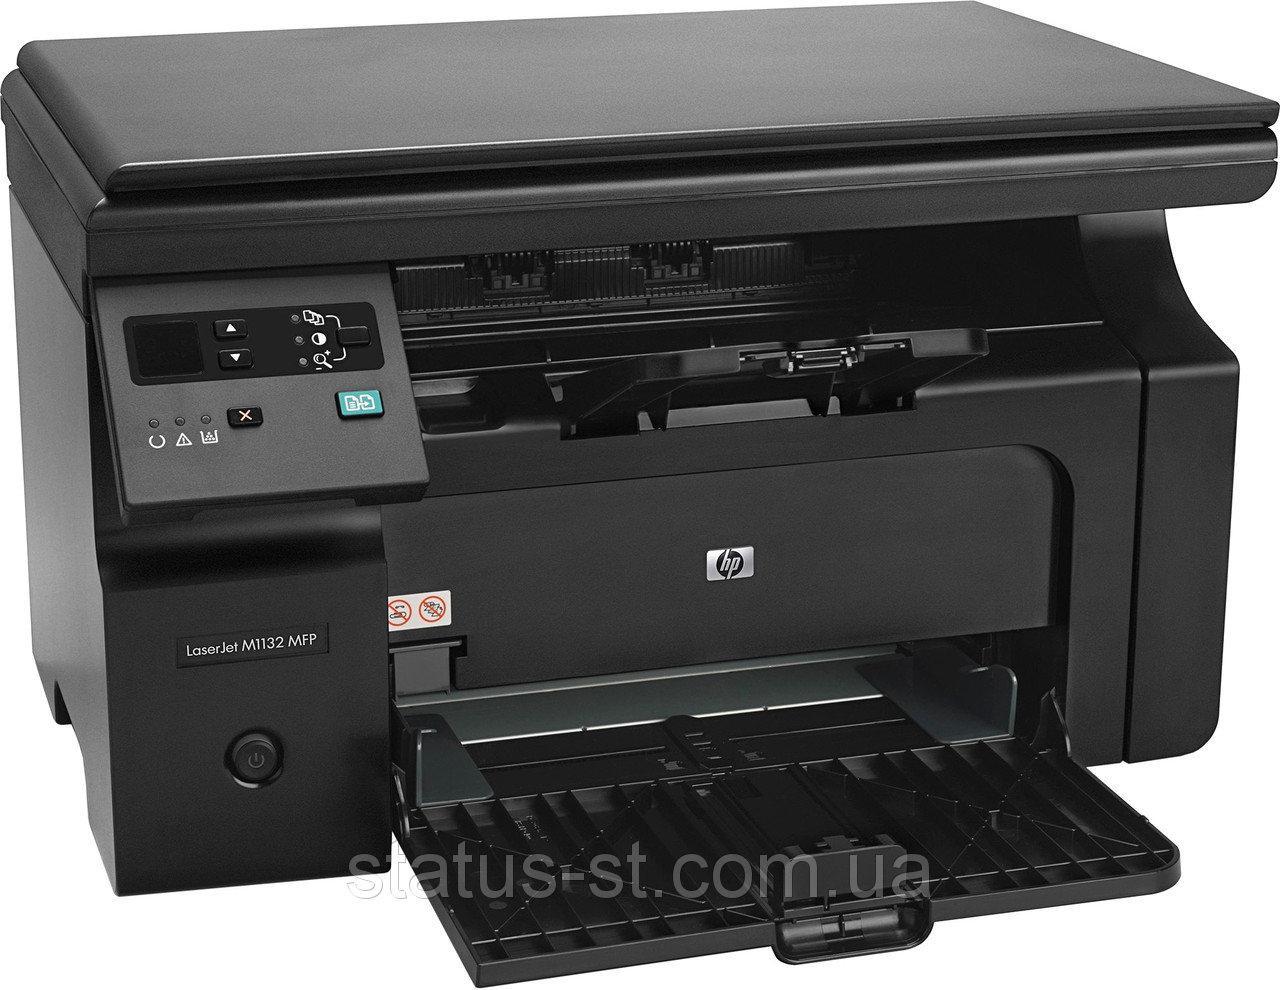 Техническое обслуживание МФУ HP А4